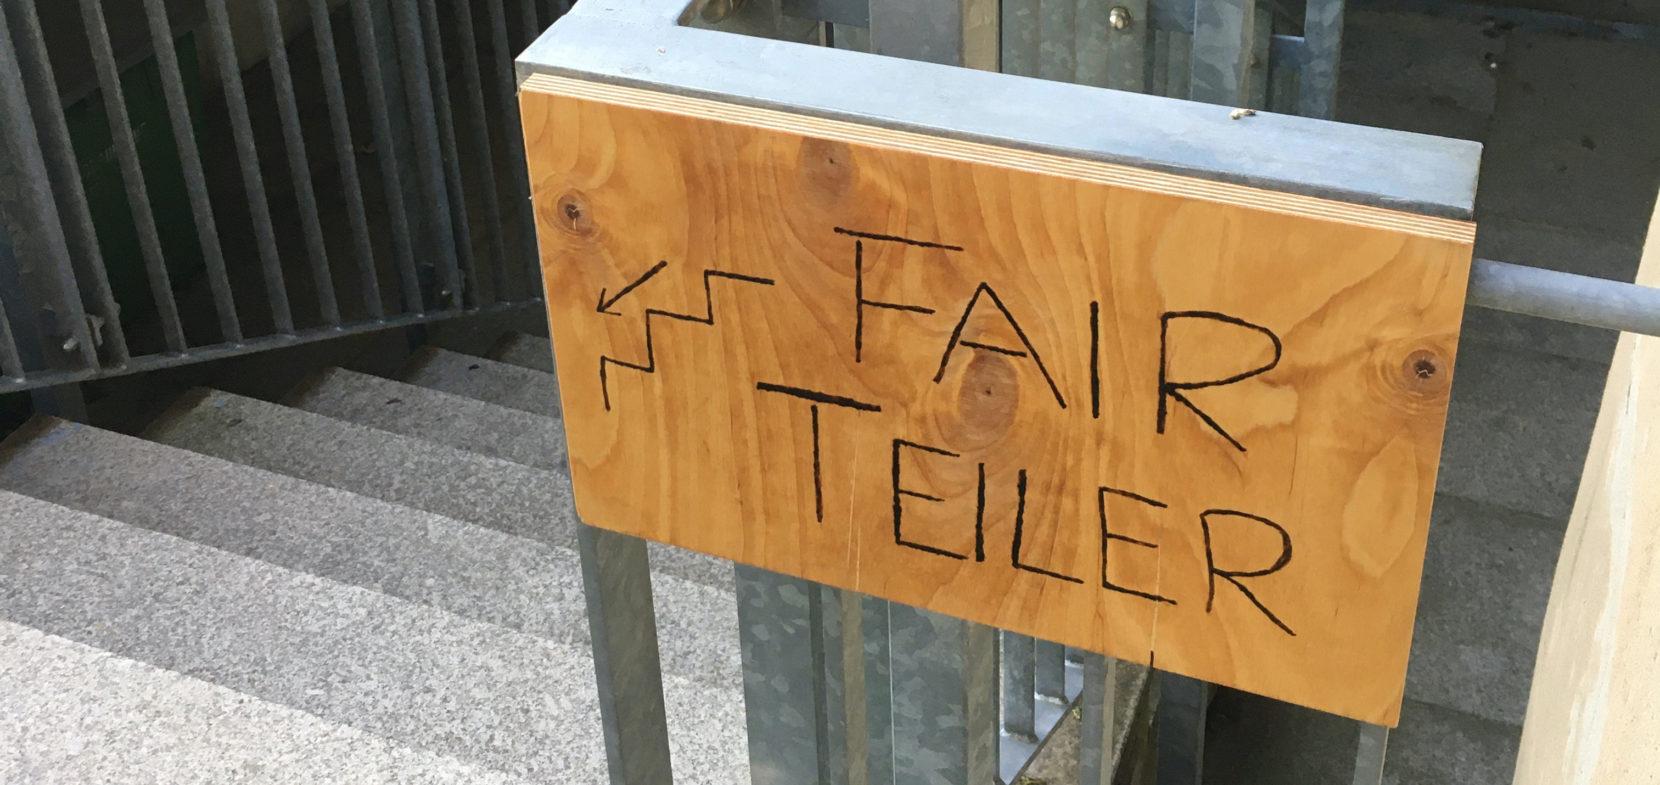 FairTeiler